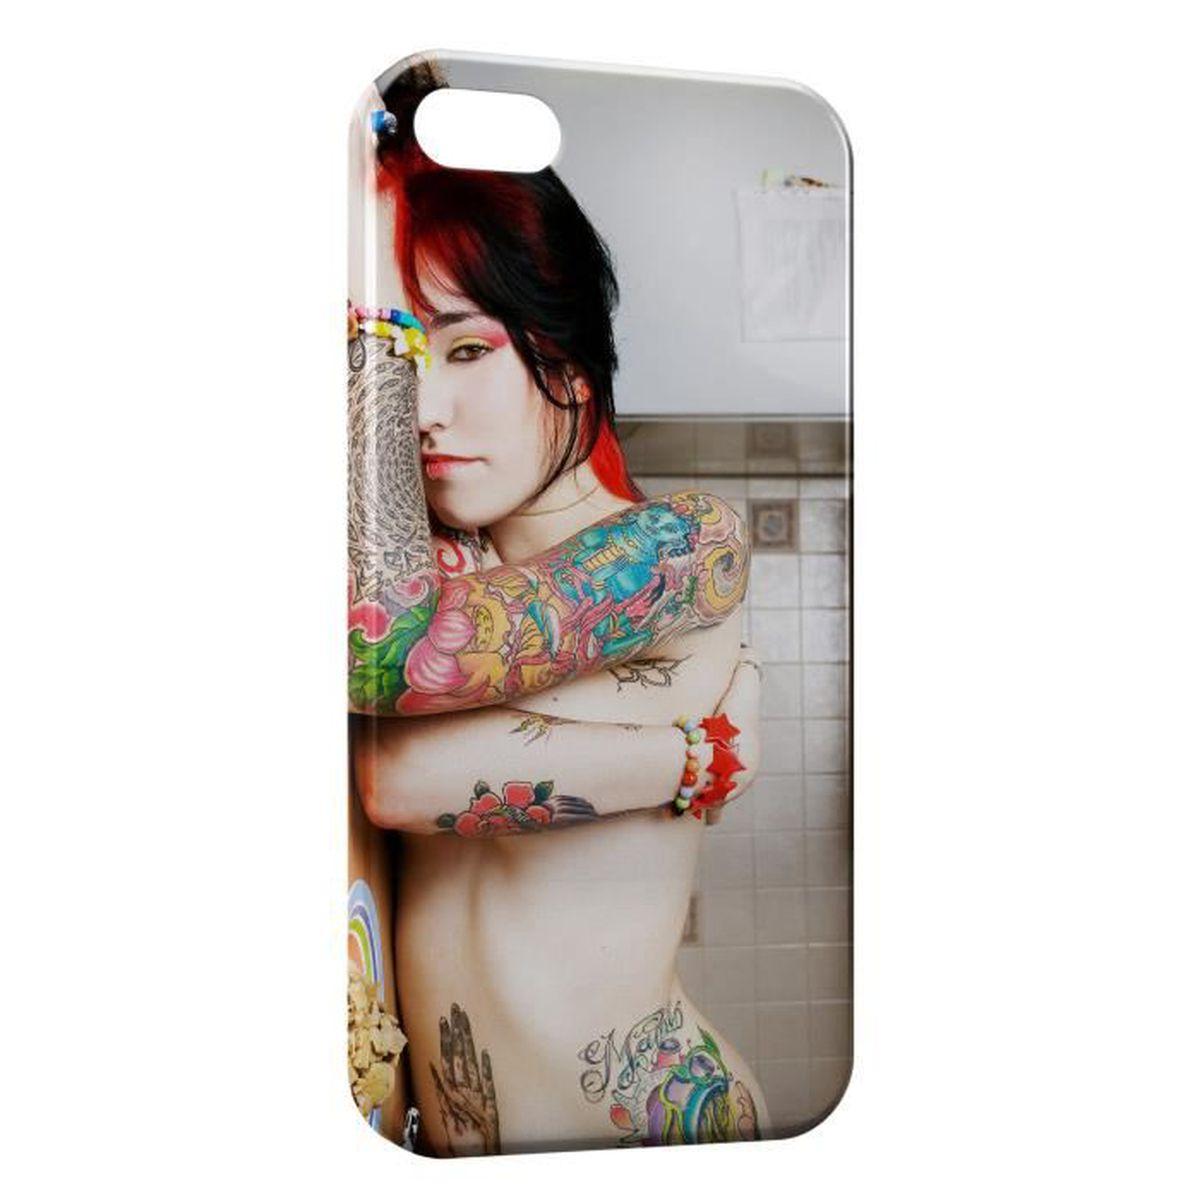 coque iphone 7 plus tatoo